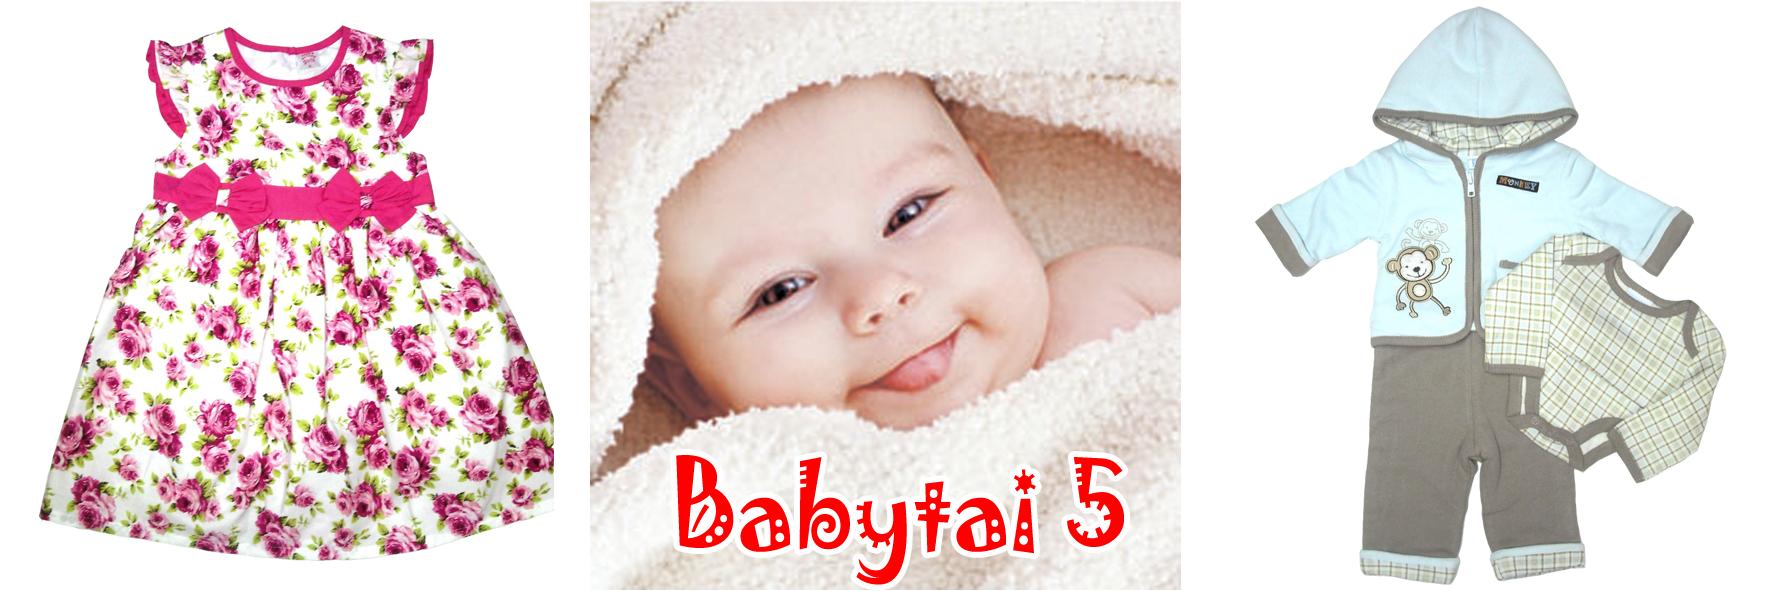 Сбор заказов. Babytai - большой выбор детской одежды от 0 и старше. Праздничные платья и костюмы. Выкуп 5